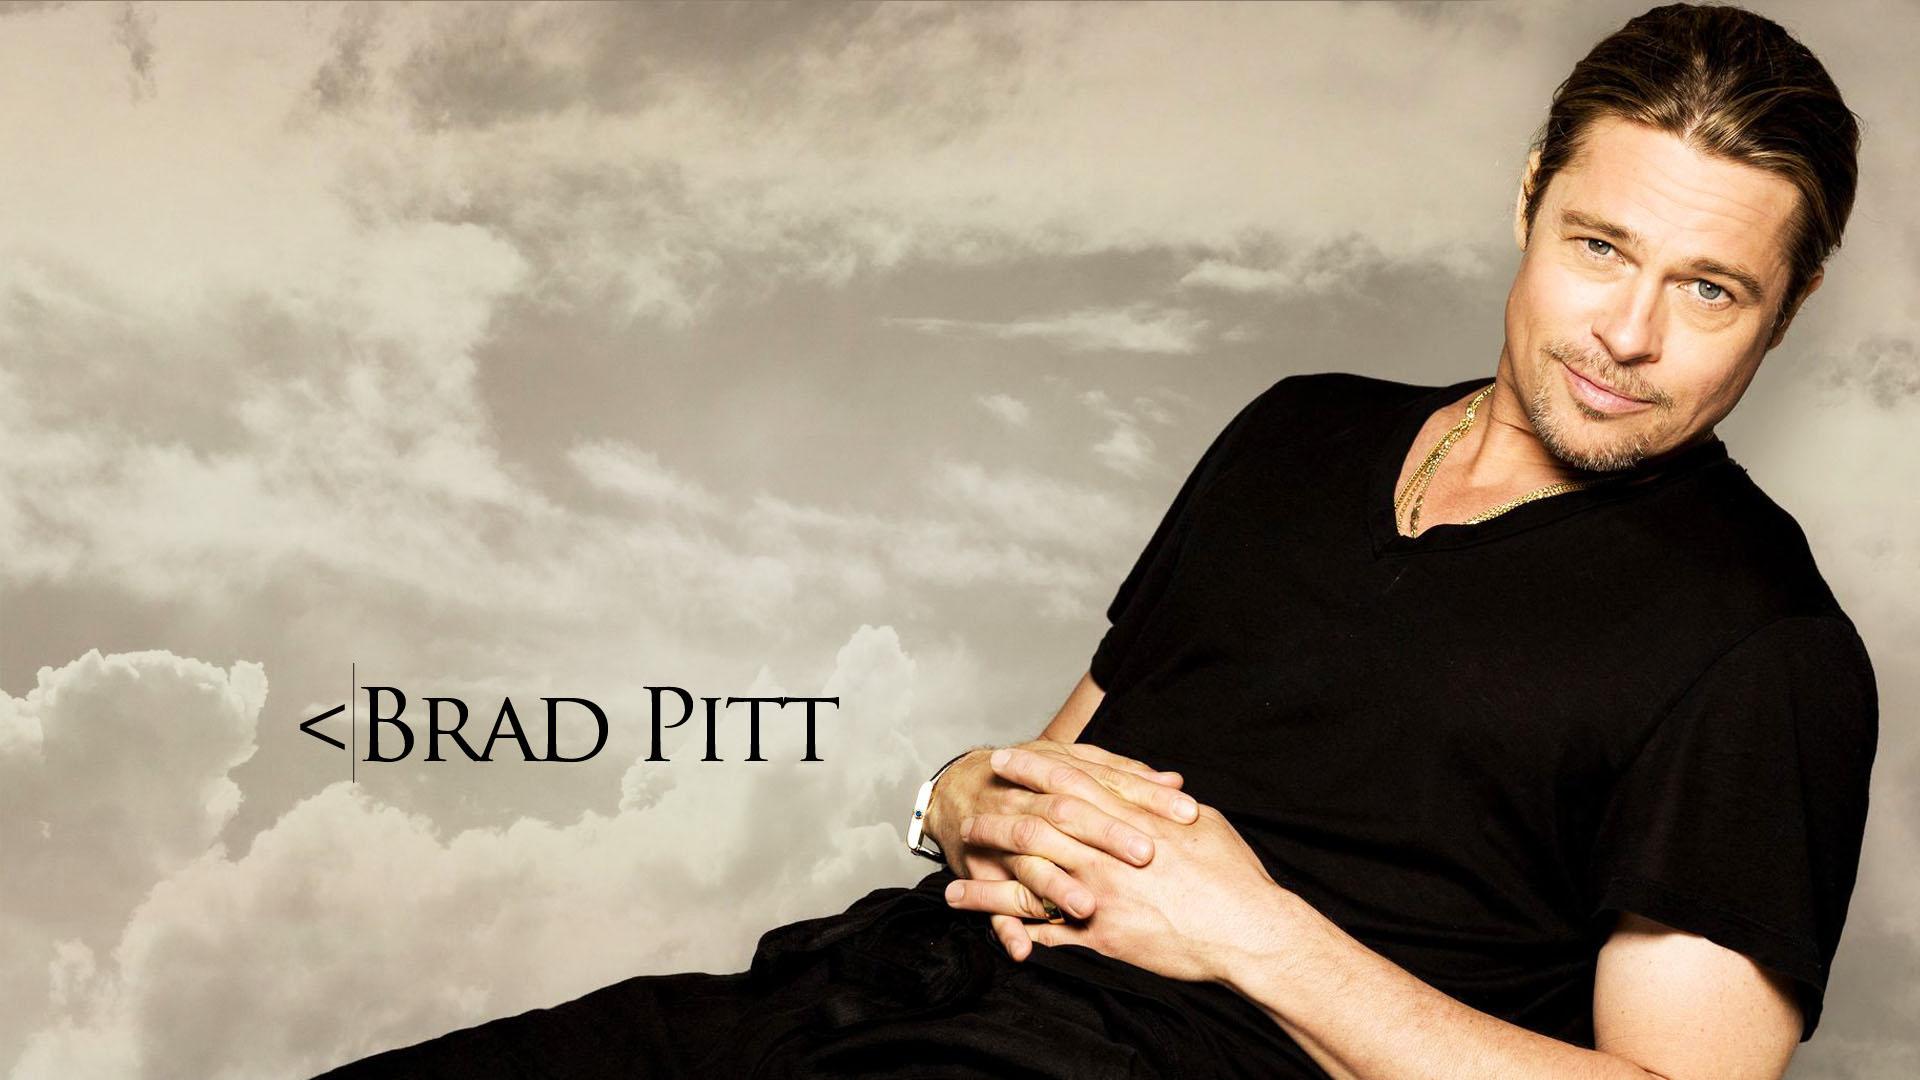 Brad Pitt Wallpaper HD 1920x1080